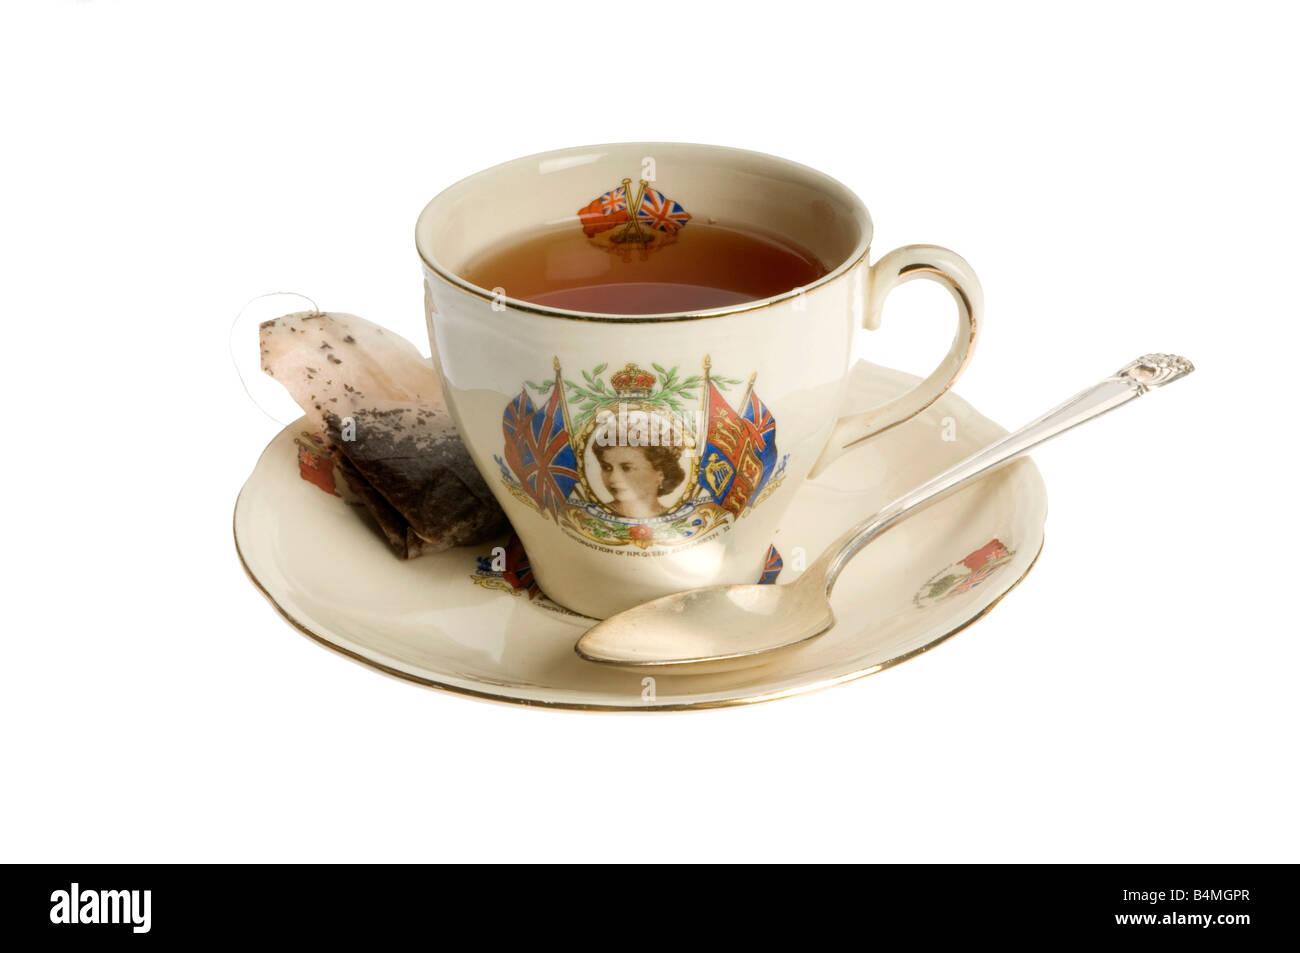 coronation tea cup of queen elizabeth II - Stock Image